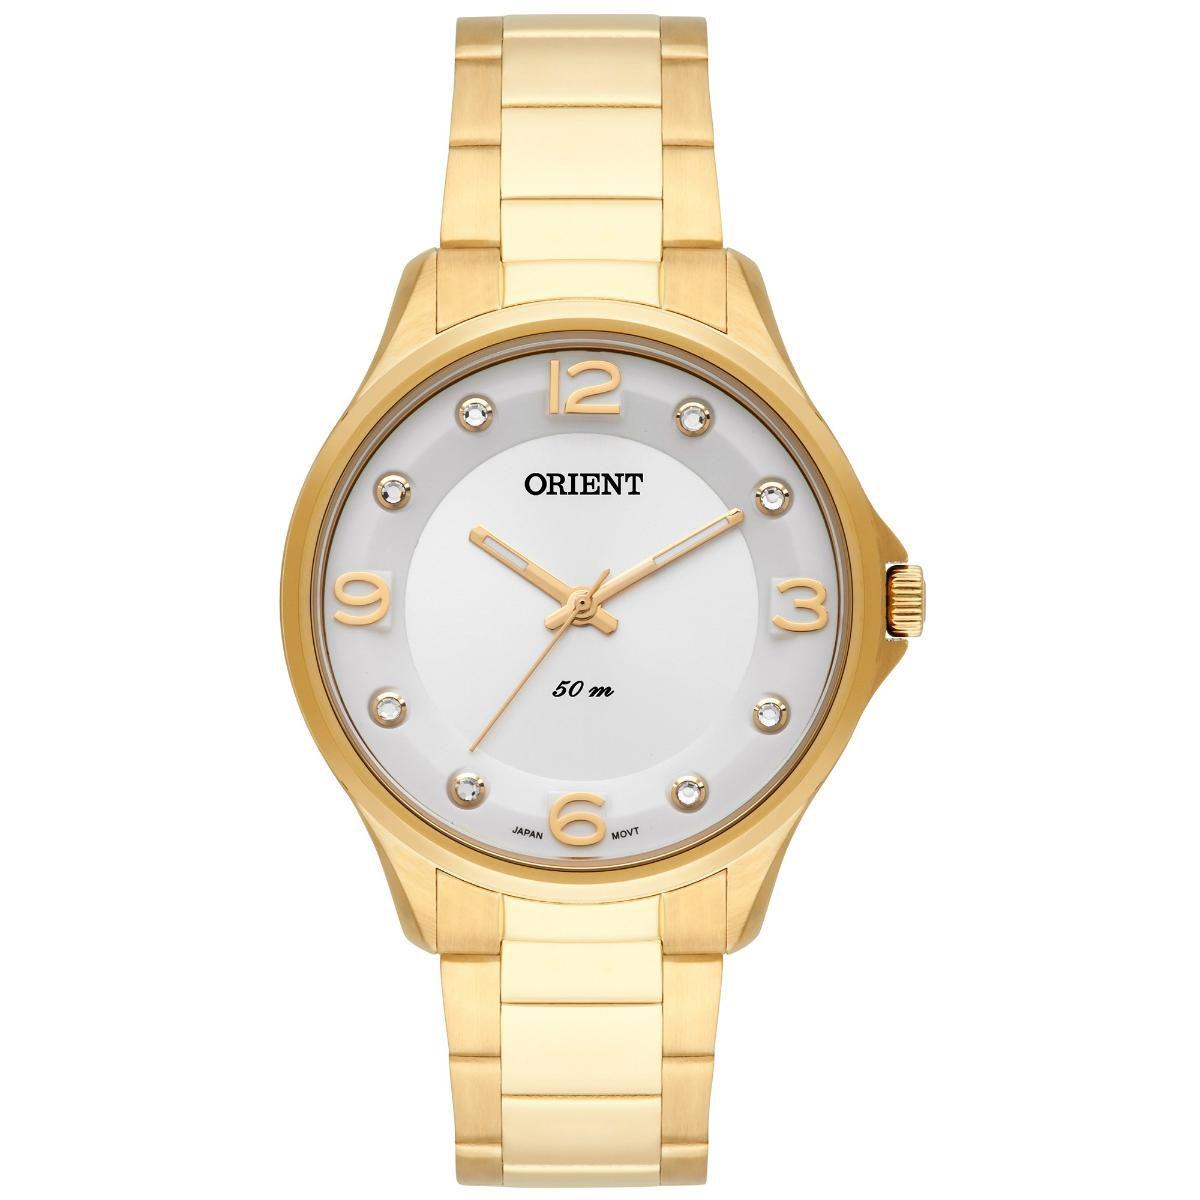 4e327de89d7 Relógio Feminino Orient FGSS0069-S2KX 36 mm Aço Dourado